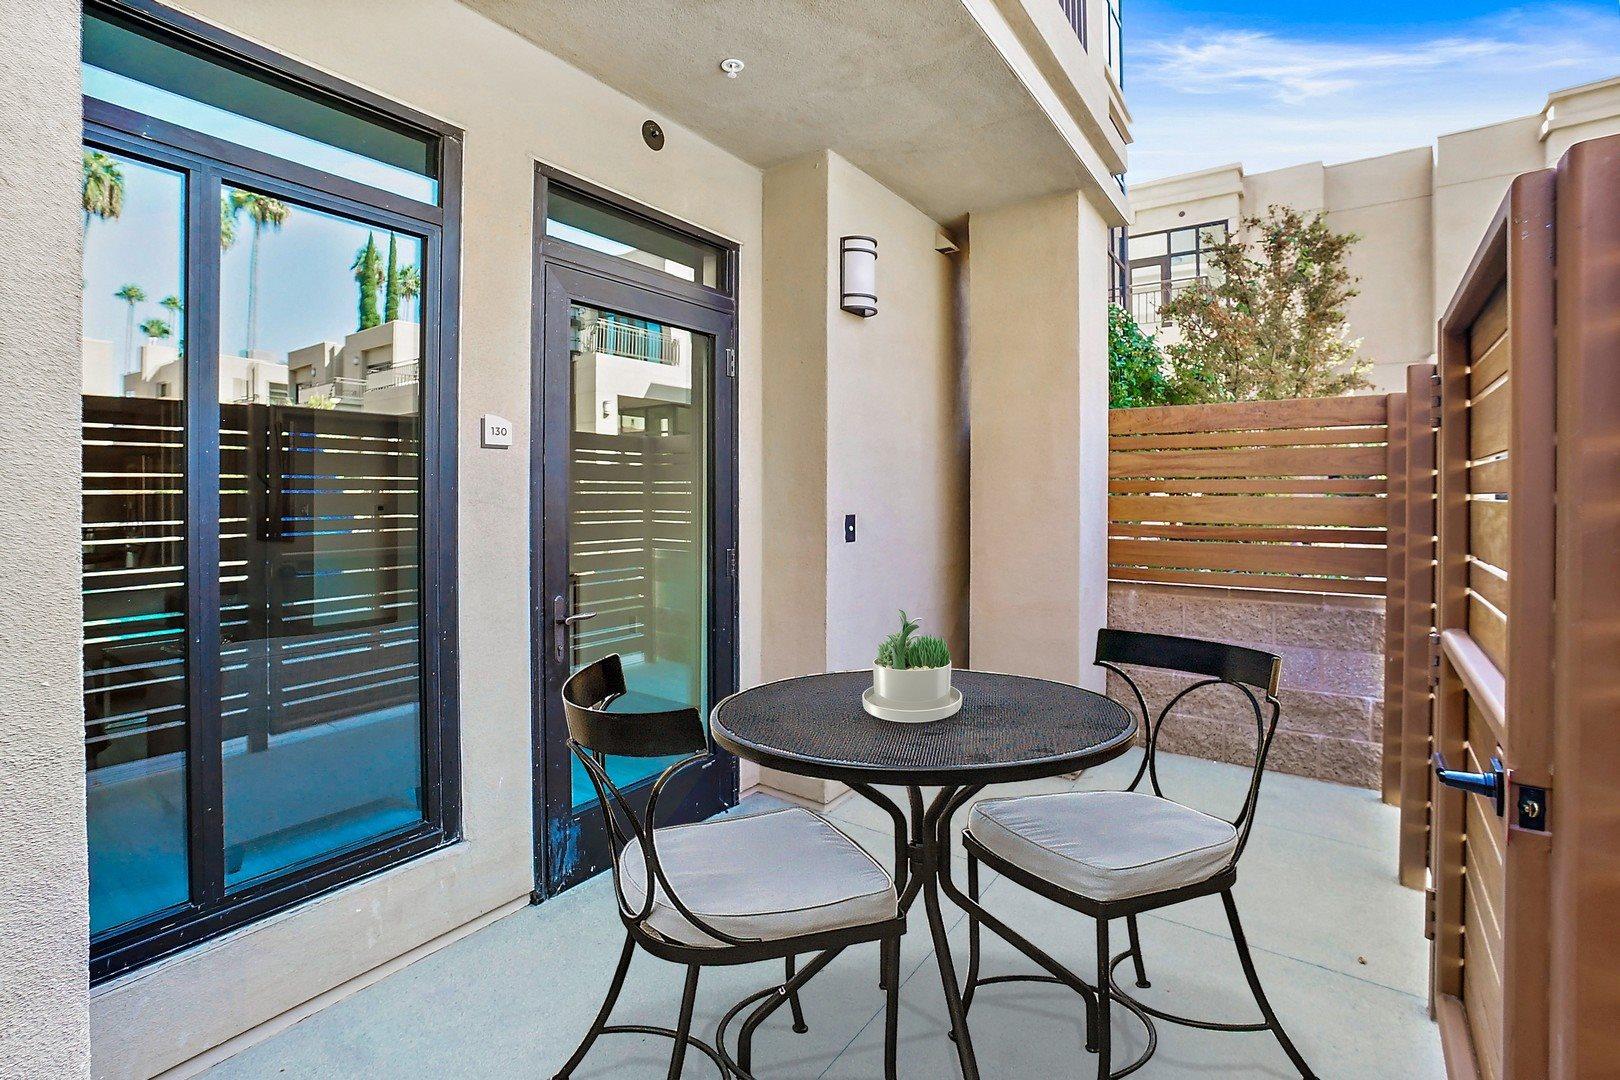 Tarzana CA Apartments - The Residences at Village Walk Patio